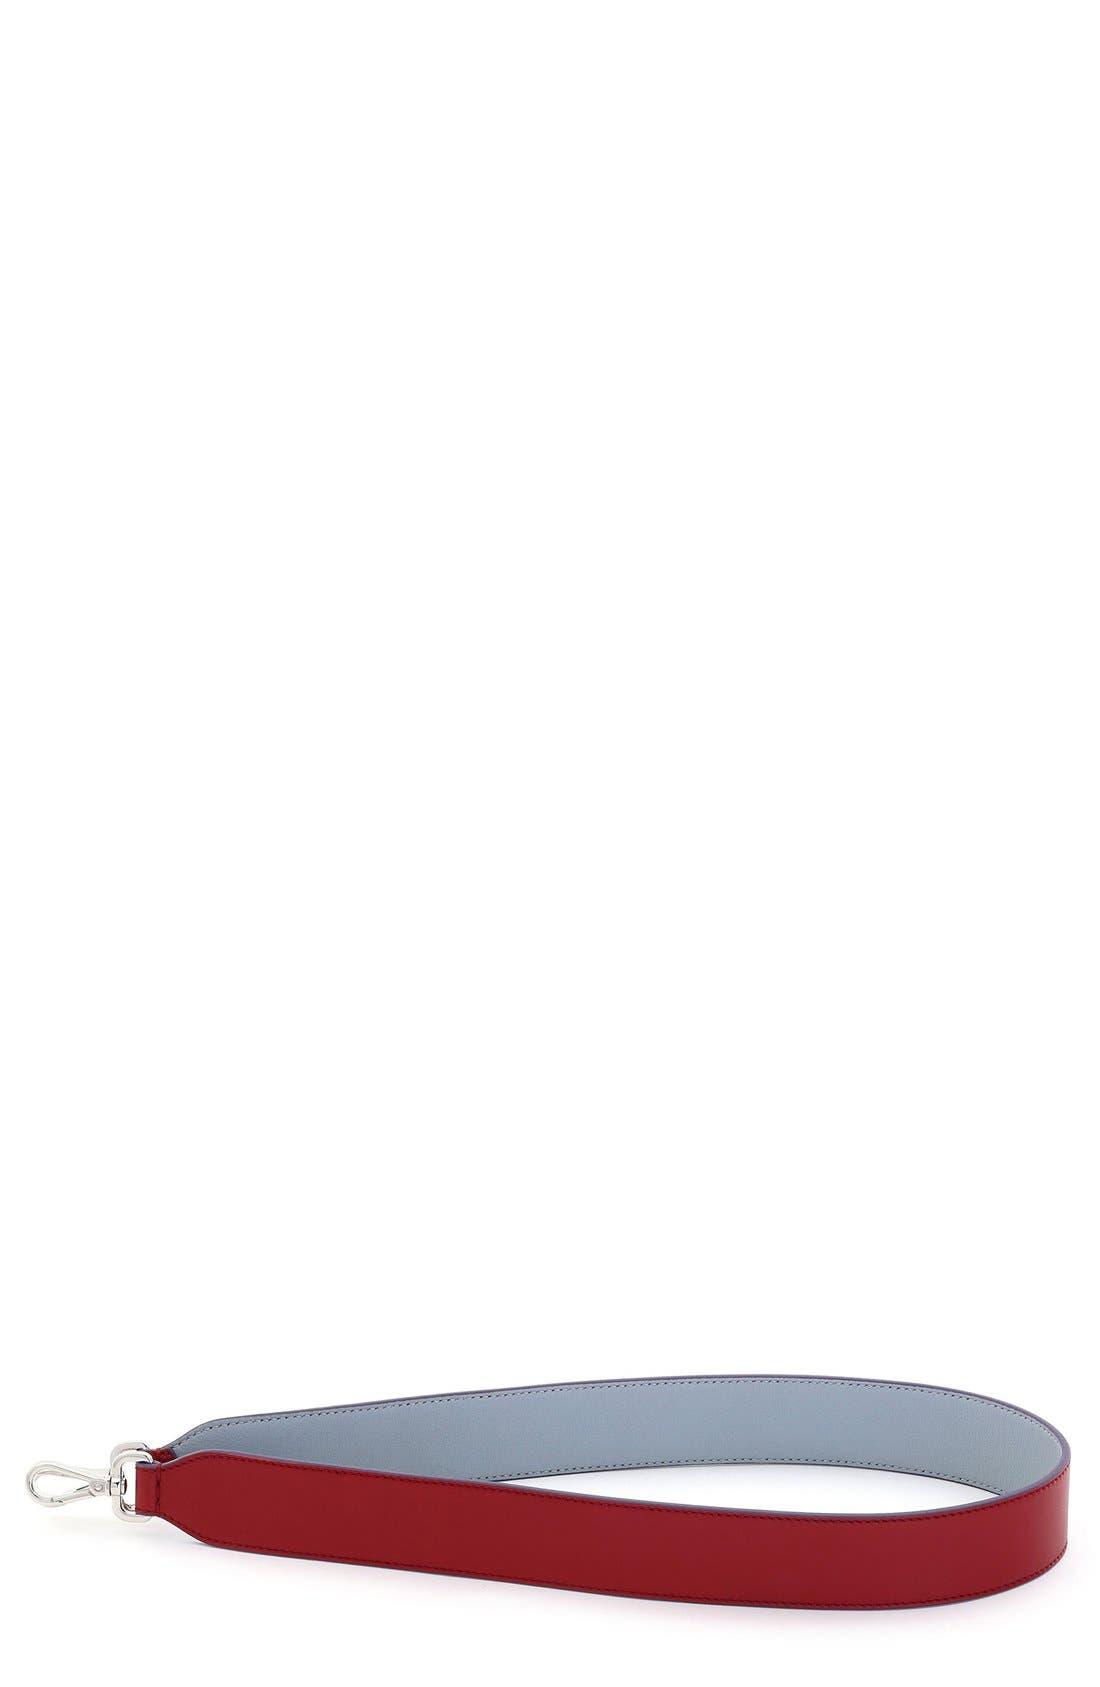 'Strap You' Reversible Calfskin Leather Handbag Strap,                             Main thumbnail 1, color,                             POWDER/RIBBES